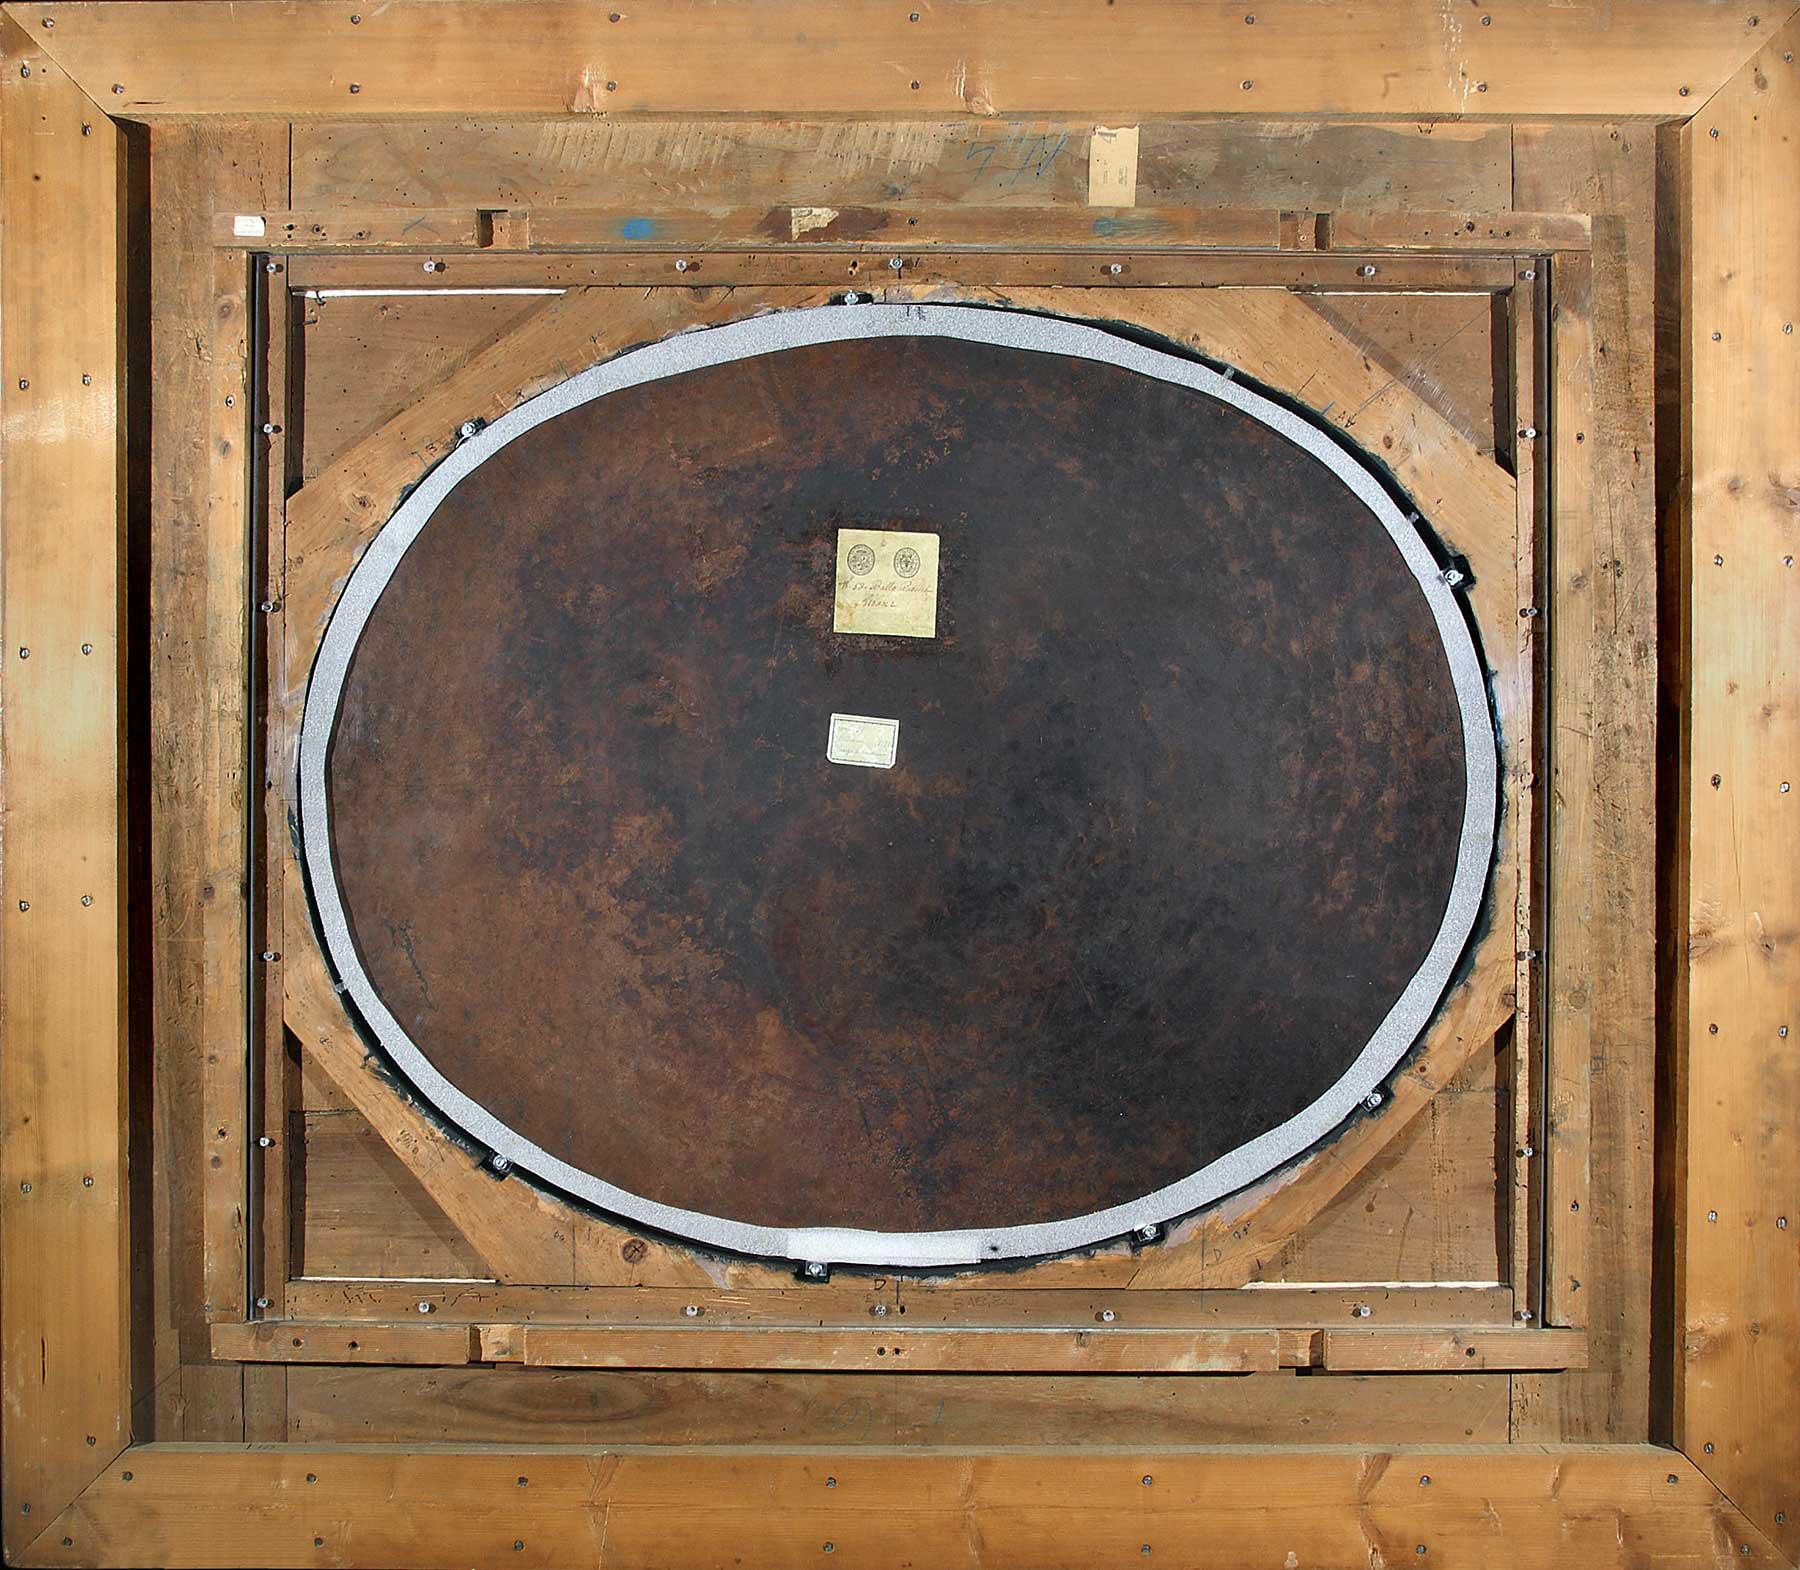 Il retro del dipinto in cornice: si osserva la lastra in rame e la struttura in policarbonato trasparente che la contiene (fig. 7)